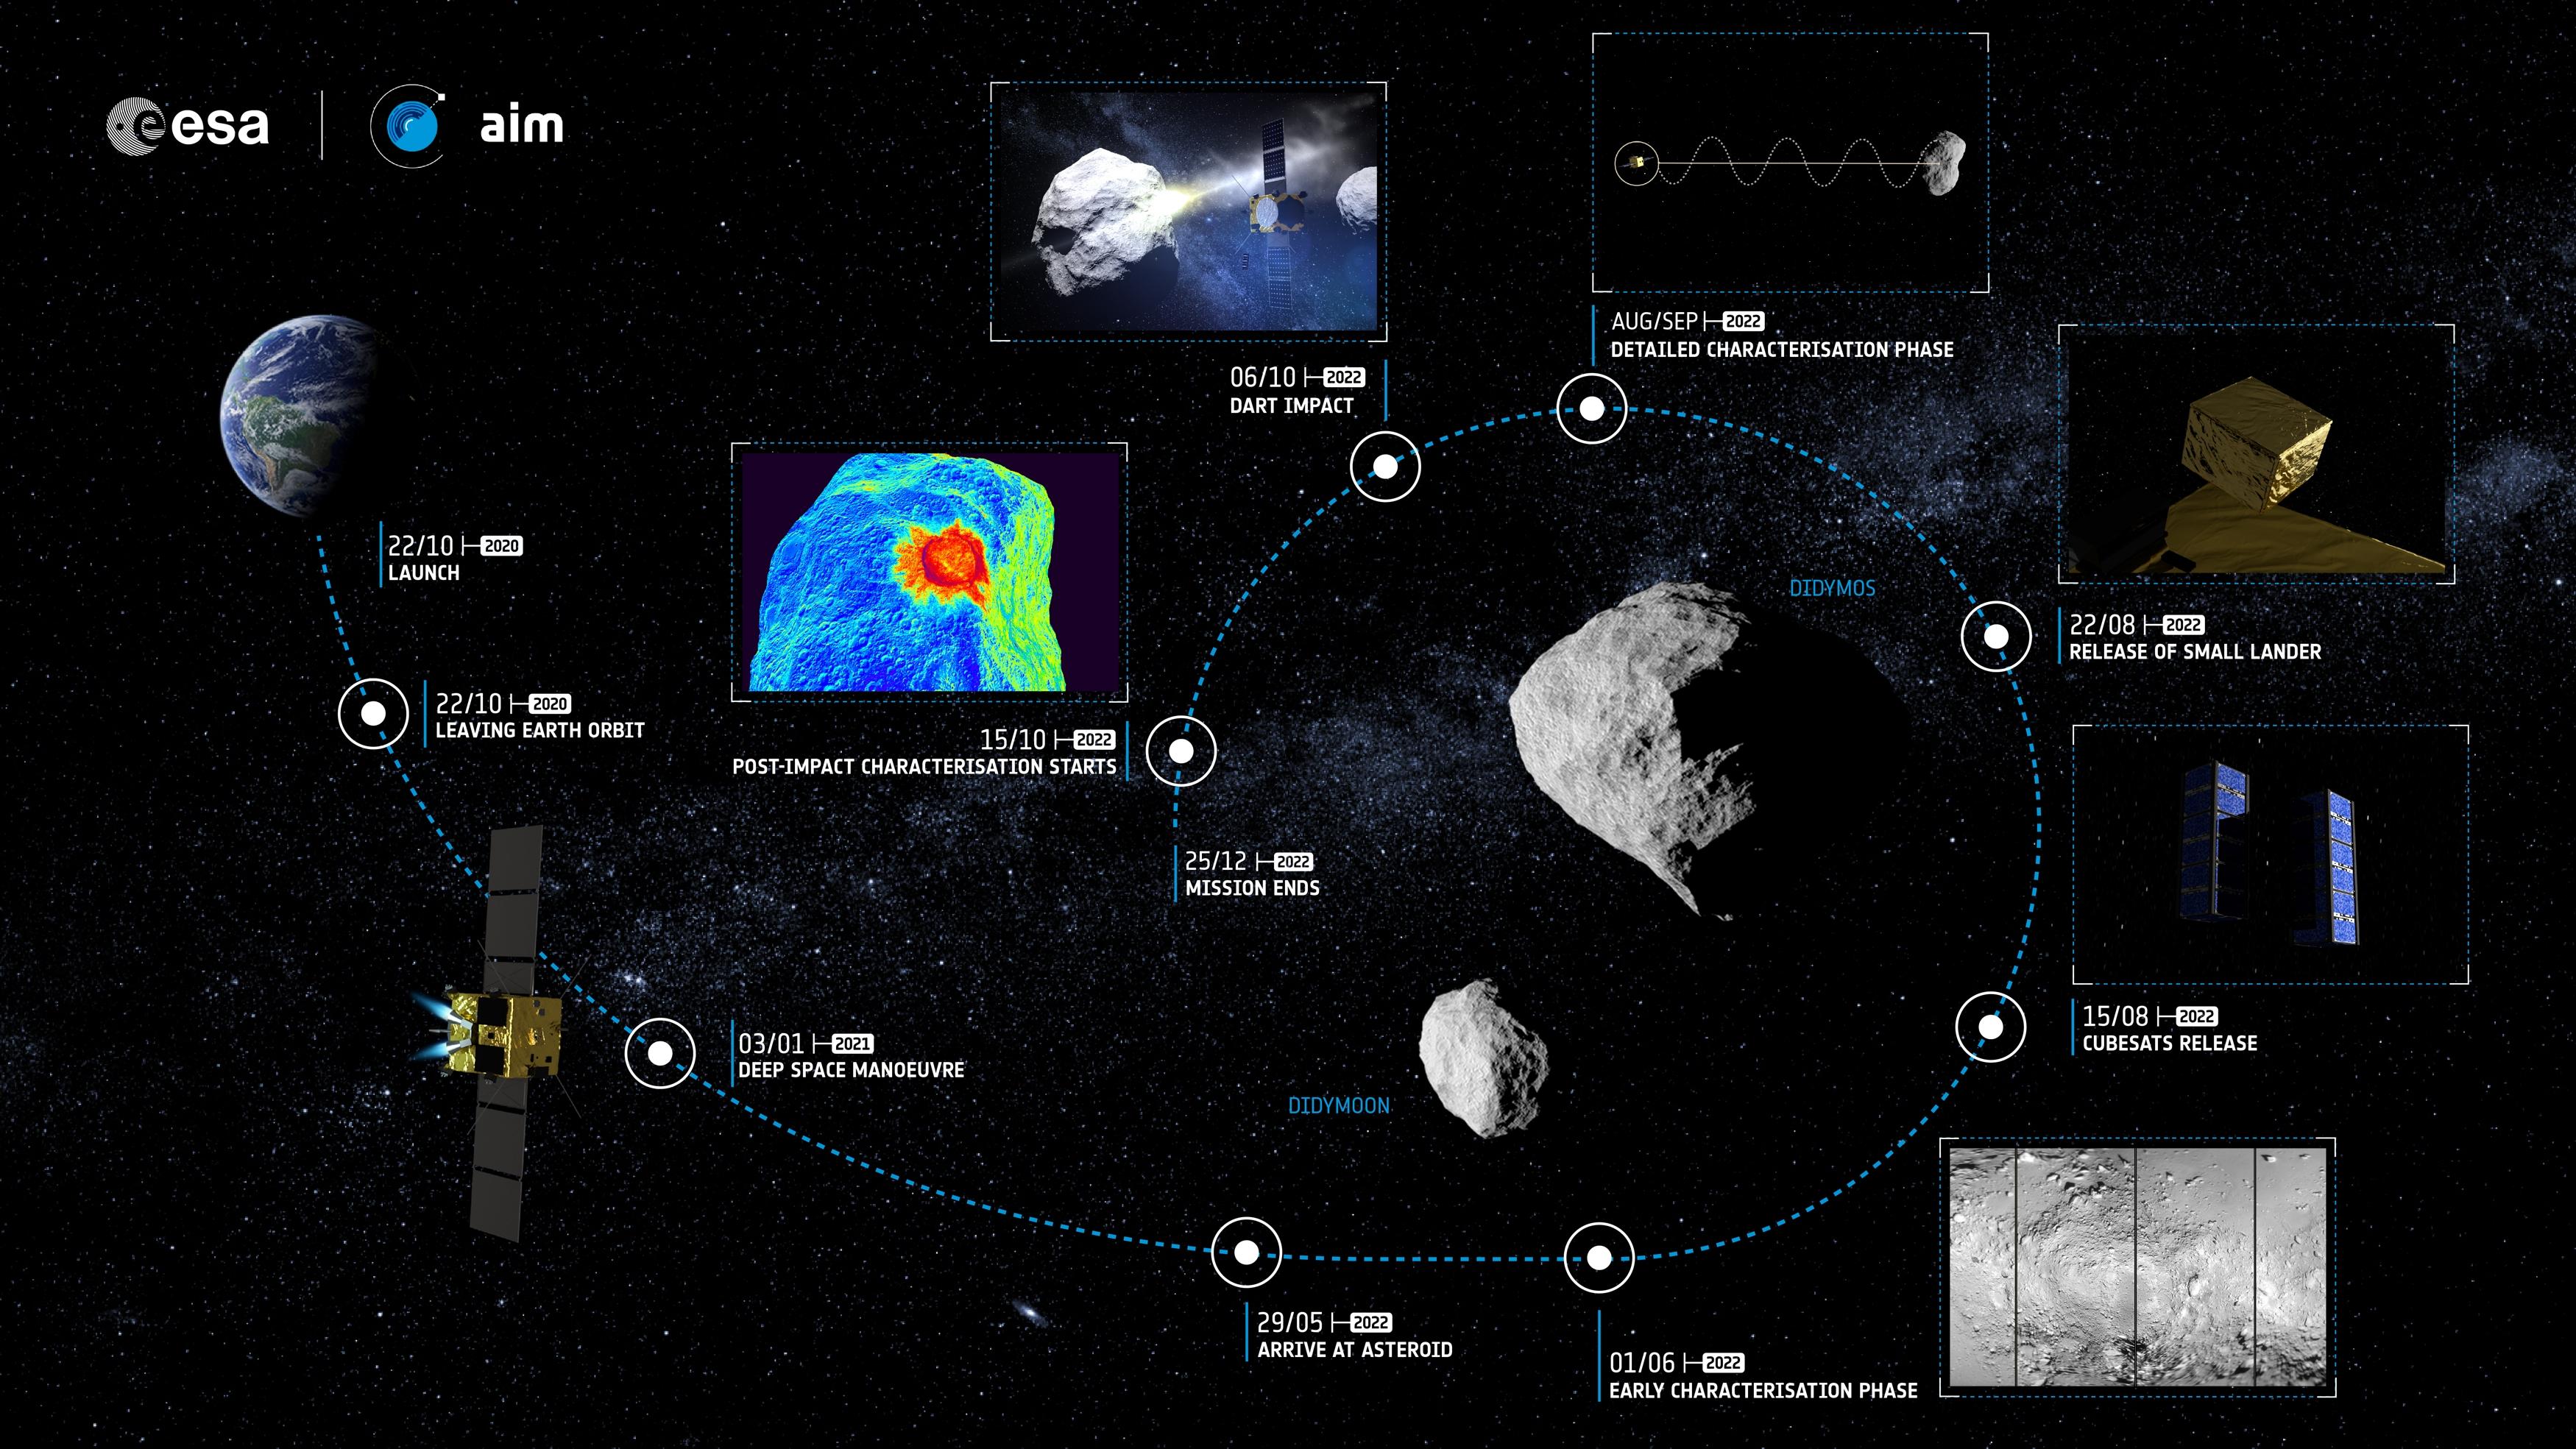 25 september 2015 asteroid